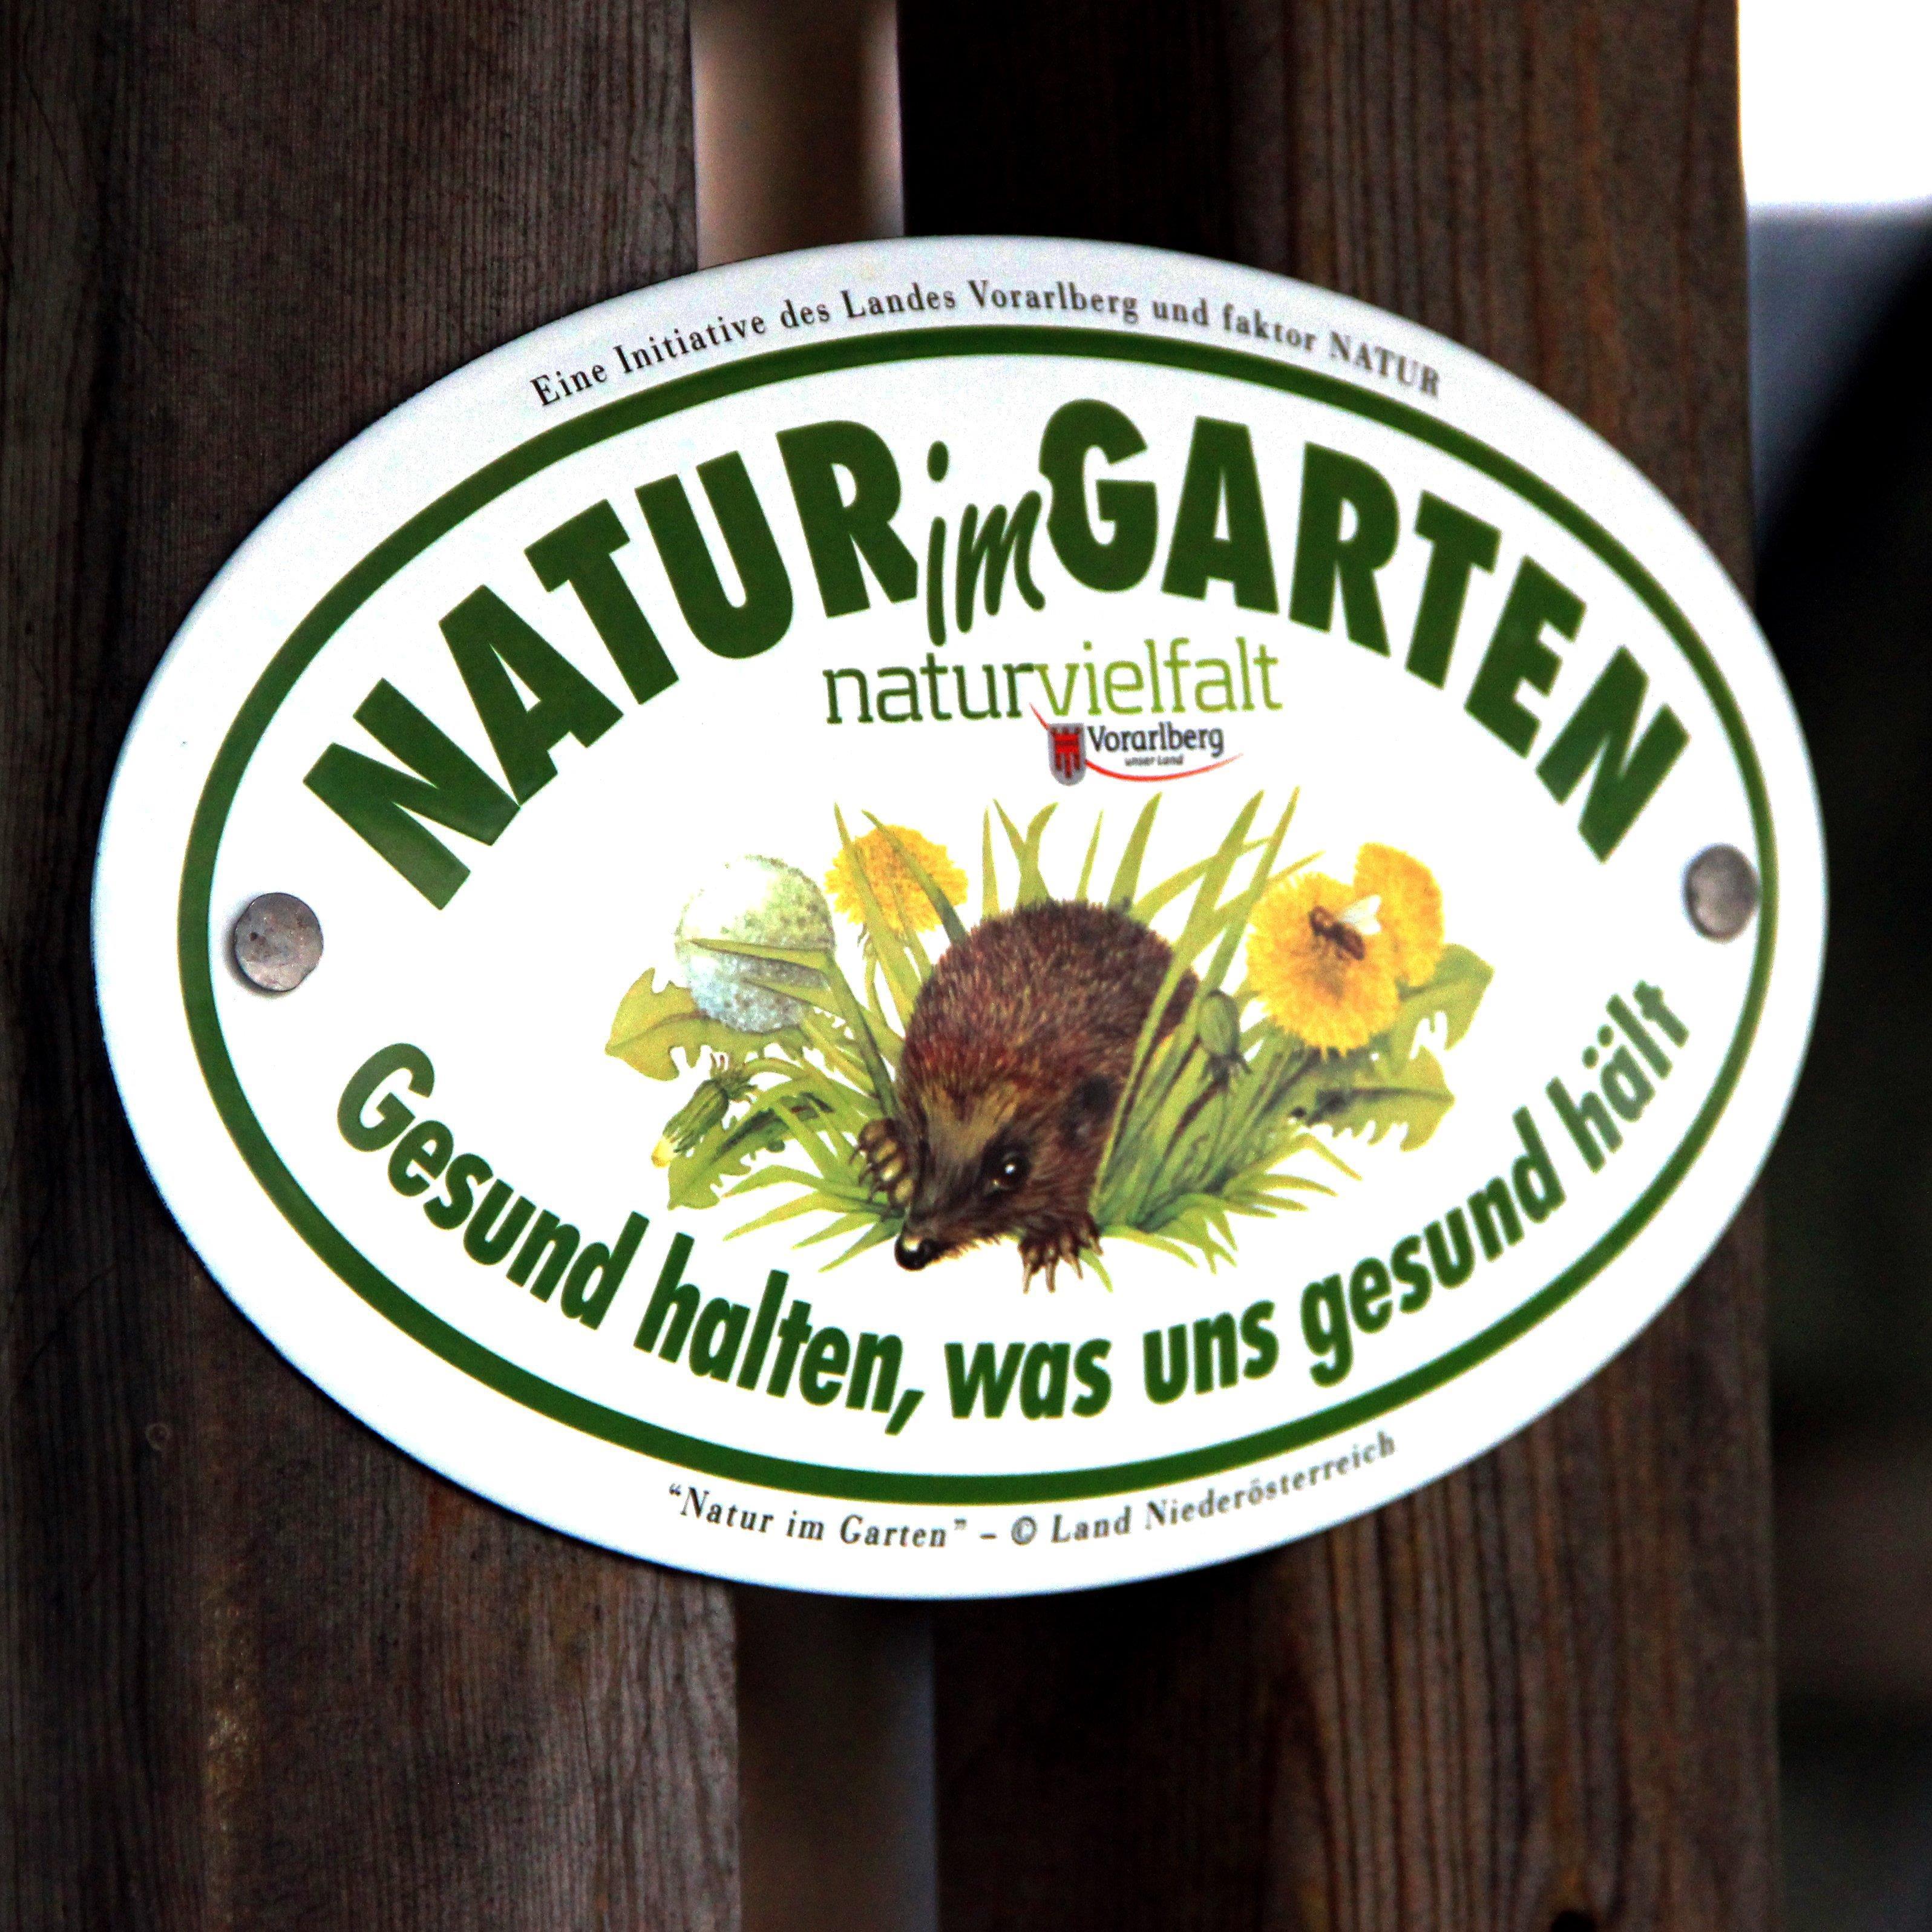 Abschlussfeier Artenvielfalt 1 Natur Im Garten Fest Hohenems